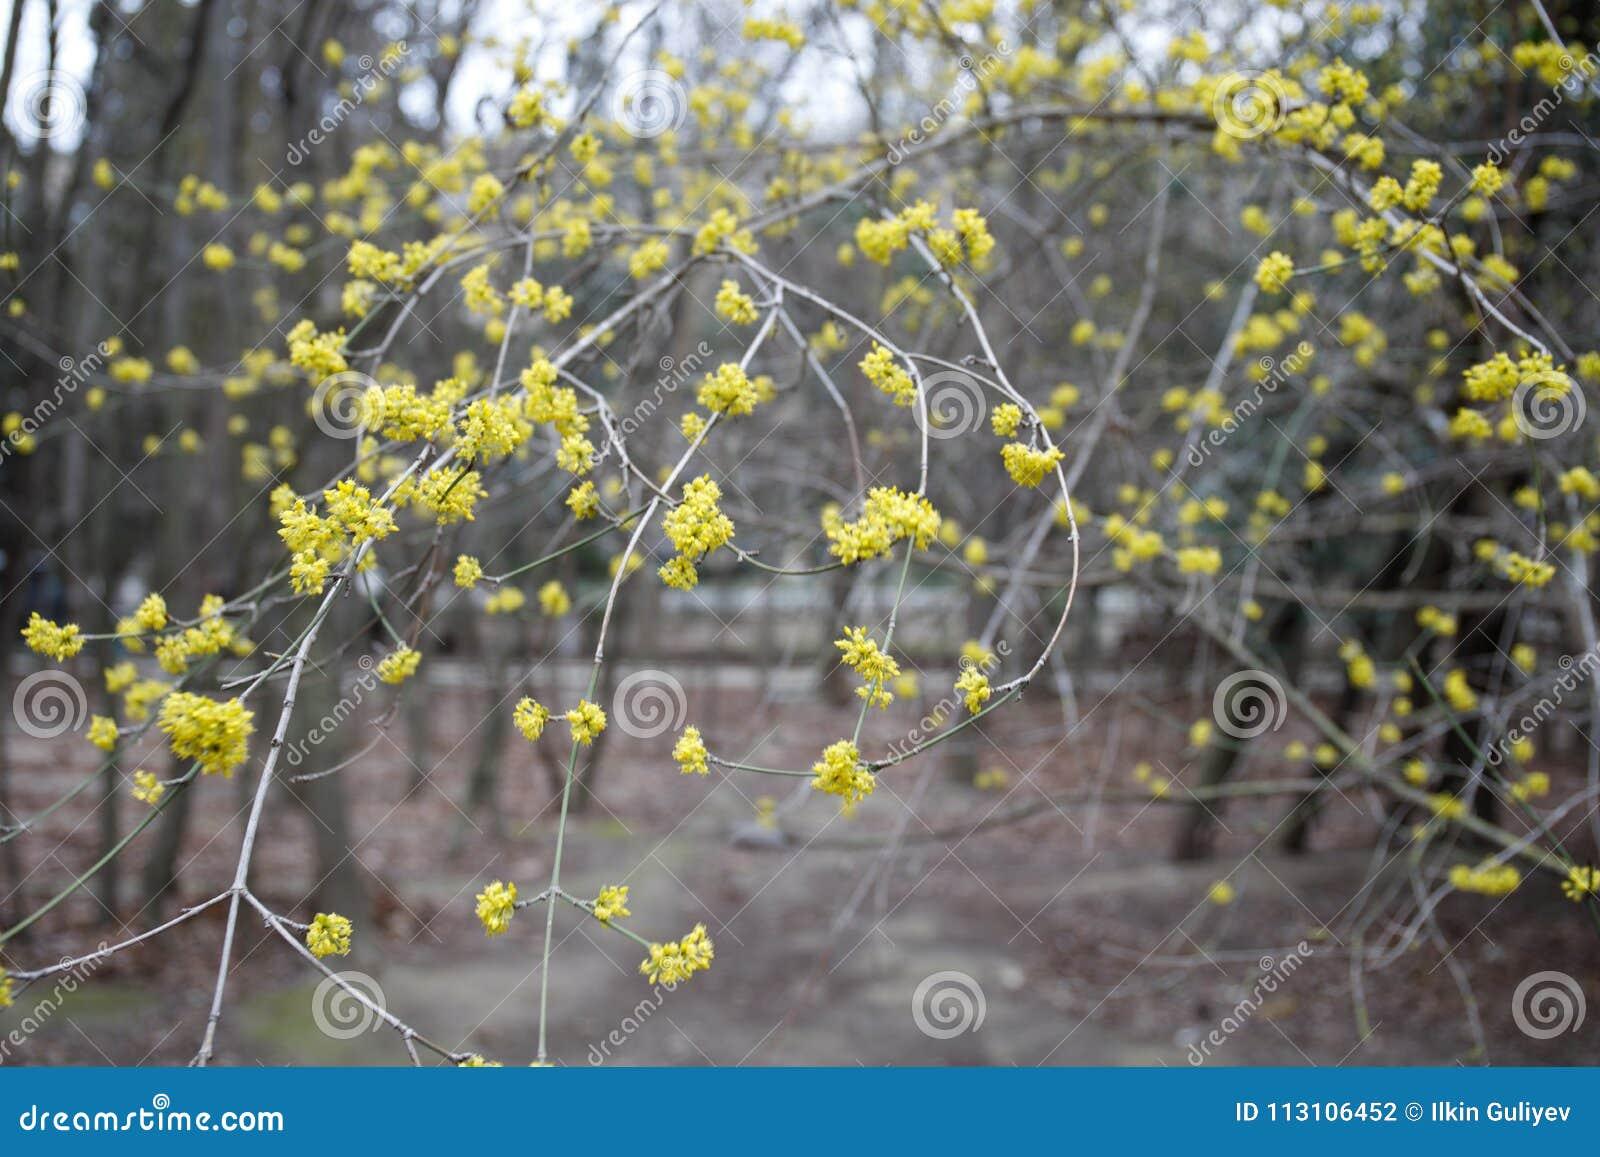 Petites Fleurs Blanches Le Temps D Arbre Au Printemps Image De Plan